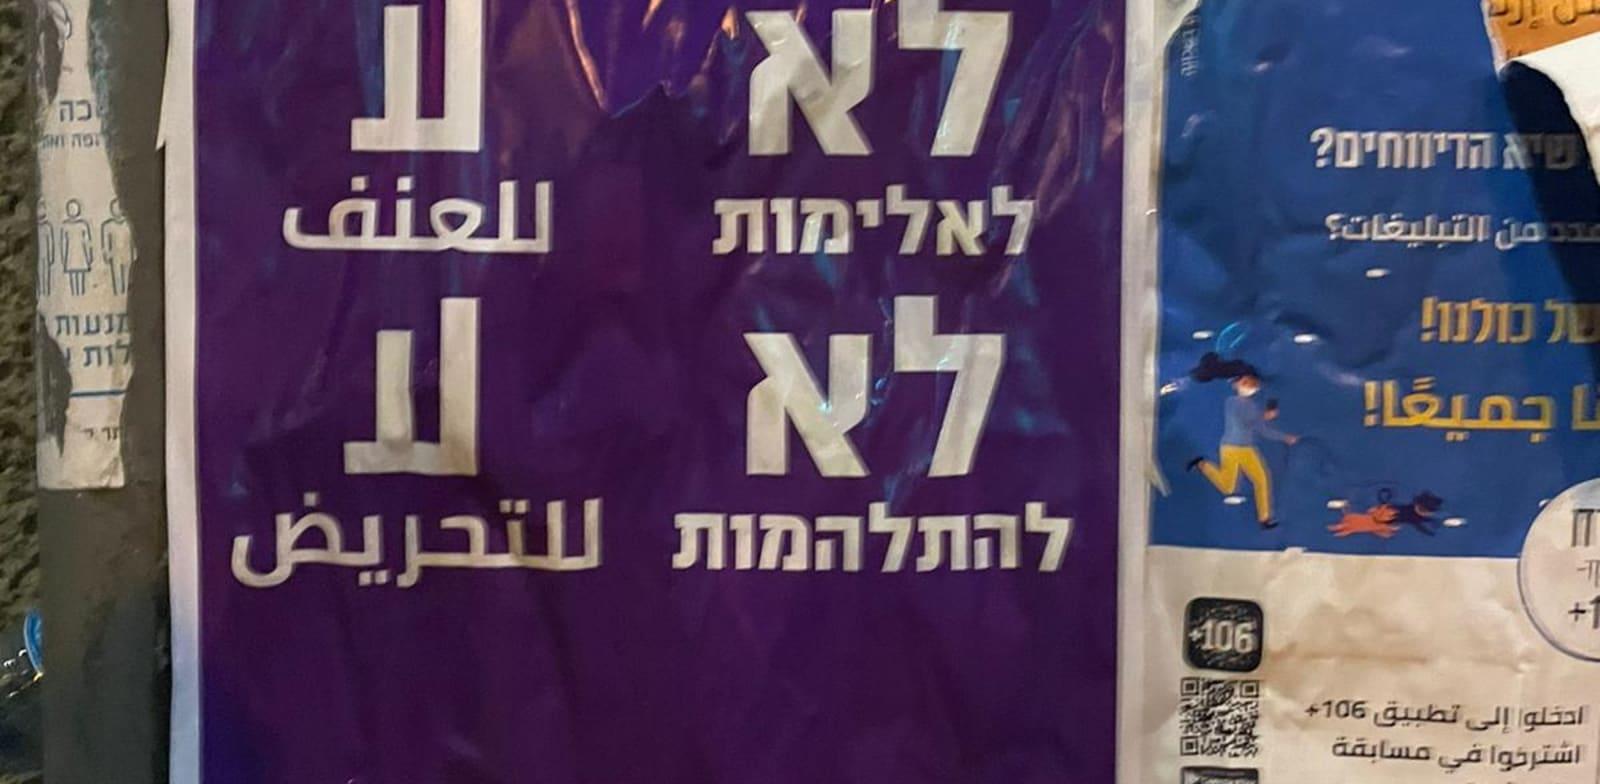 """השלט שנתלה מטעם עיריית תל אביב-יפו """"לא לאלימות. לא להתלהמות  لا لعنف. لا للتحريض"""" / צילום: דוברות עיריית תל אביב-יפו"""